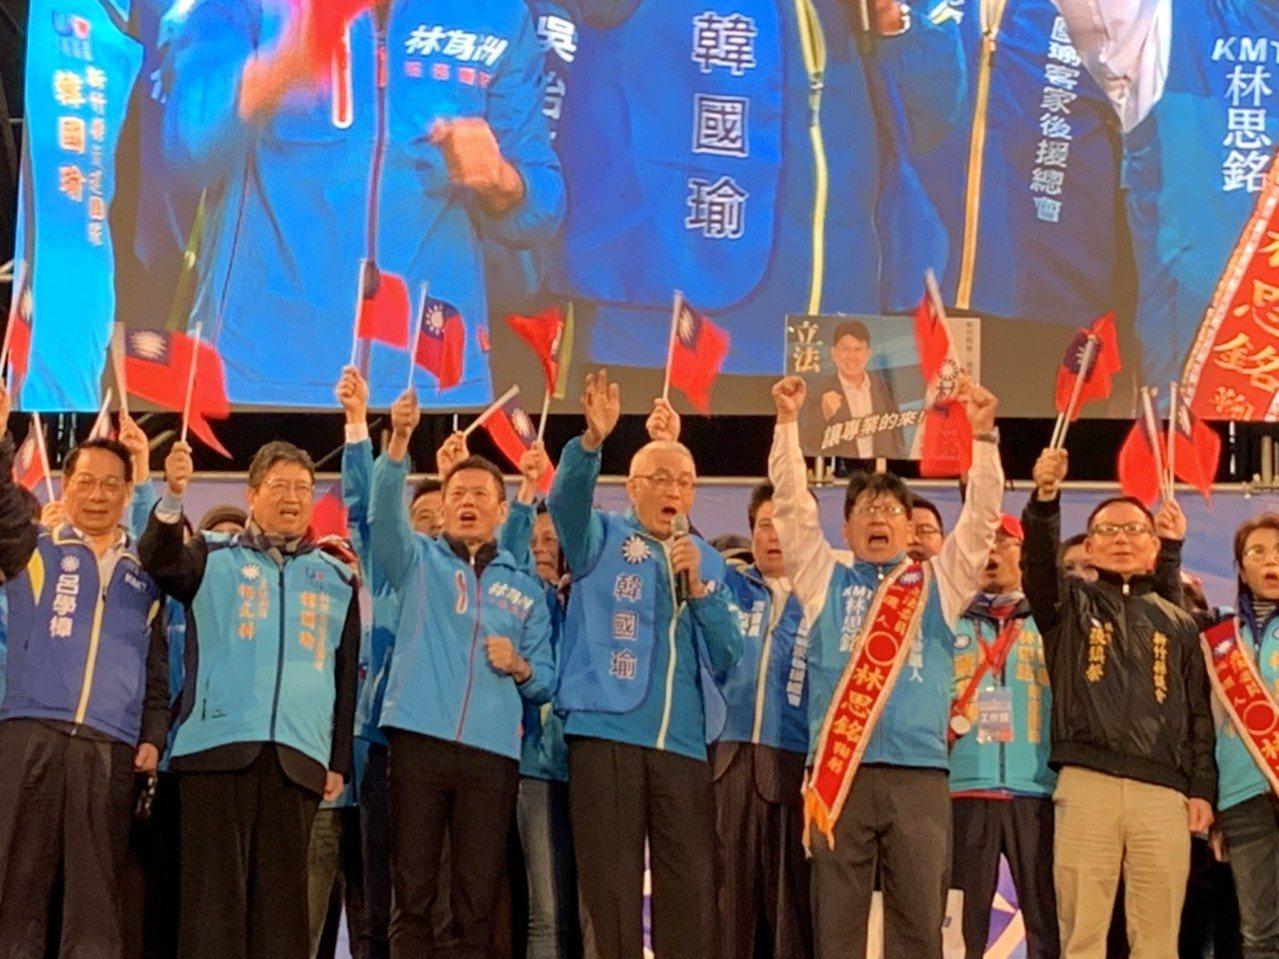 黨主席吳敦義也到場,他上台先猛批年金改革,也提到卡神楊蕙如一案。記者陳斯穎/攝影